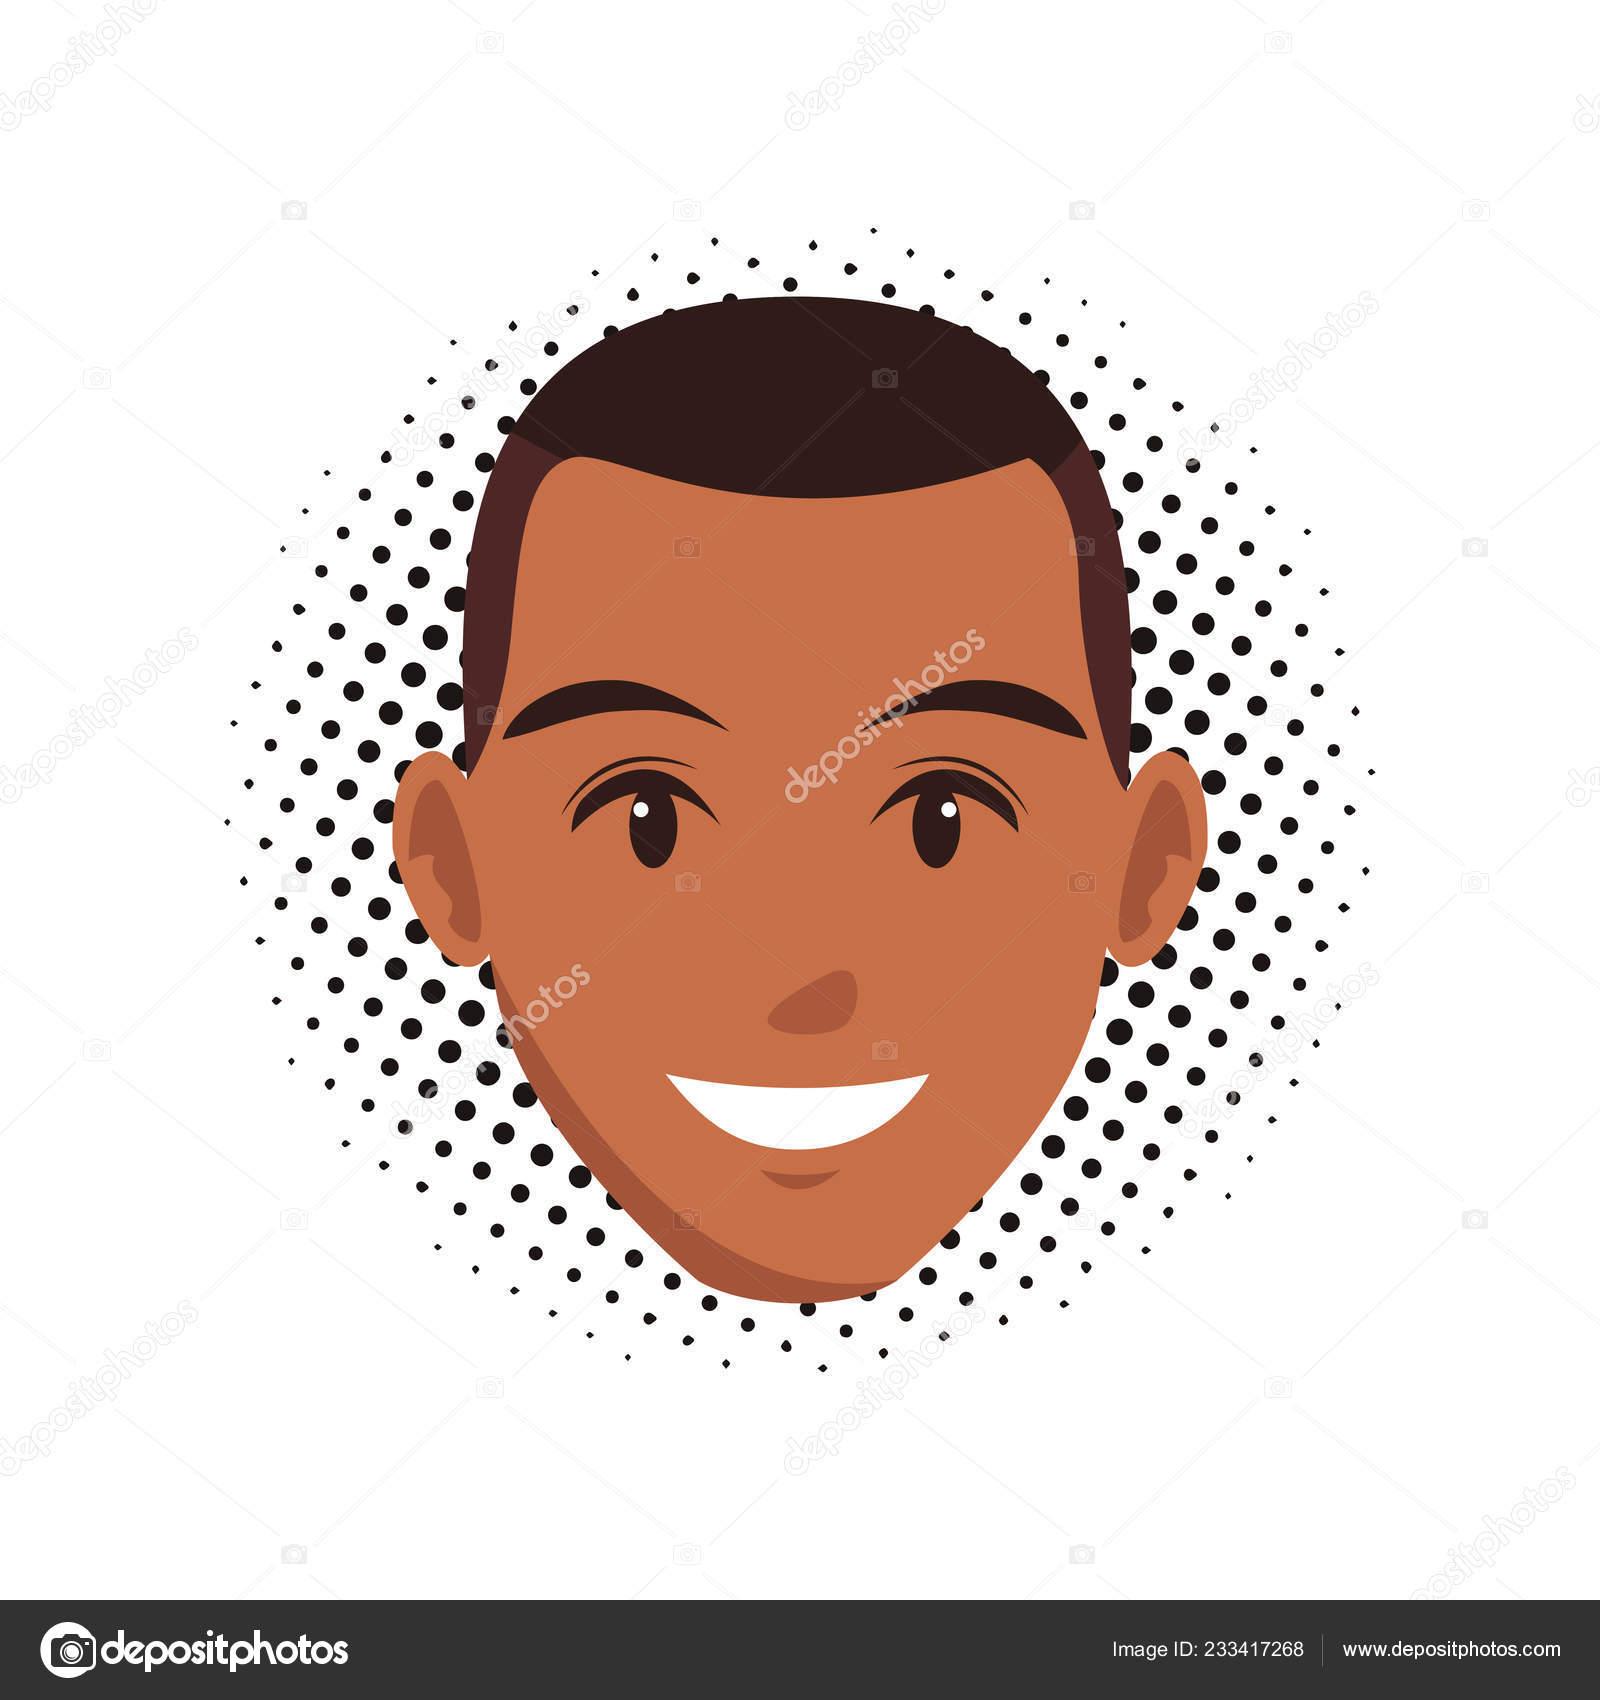 Cute Man Face Cartoon Stock Vector C Jemastock 233417268